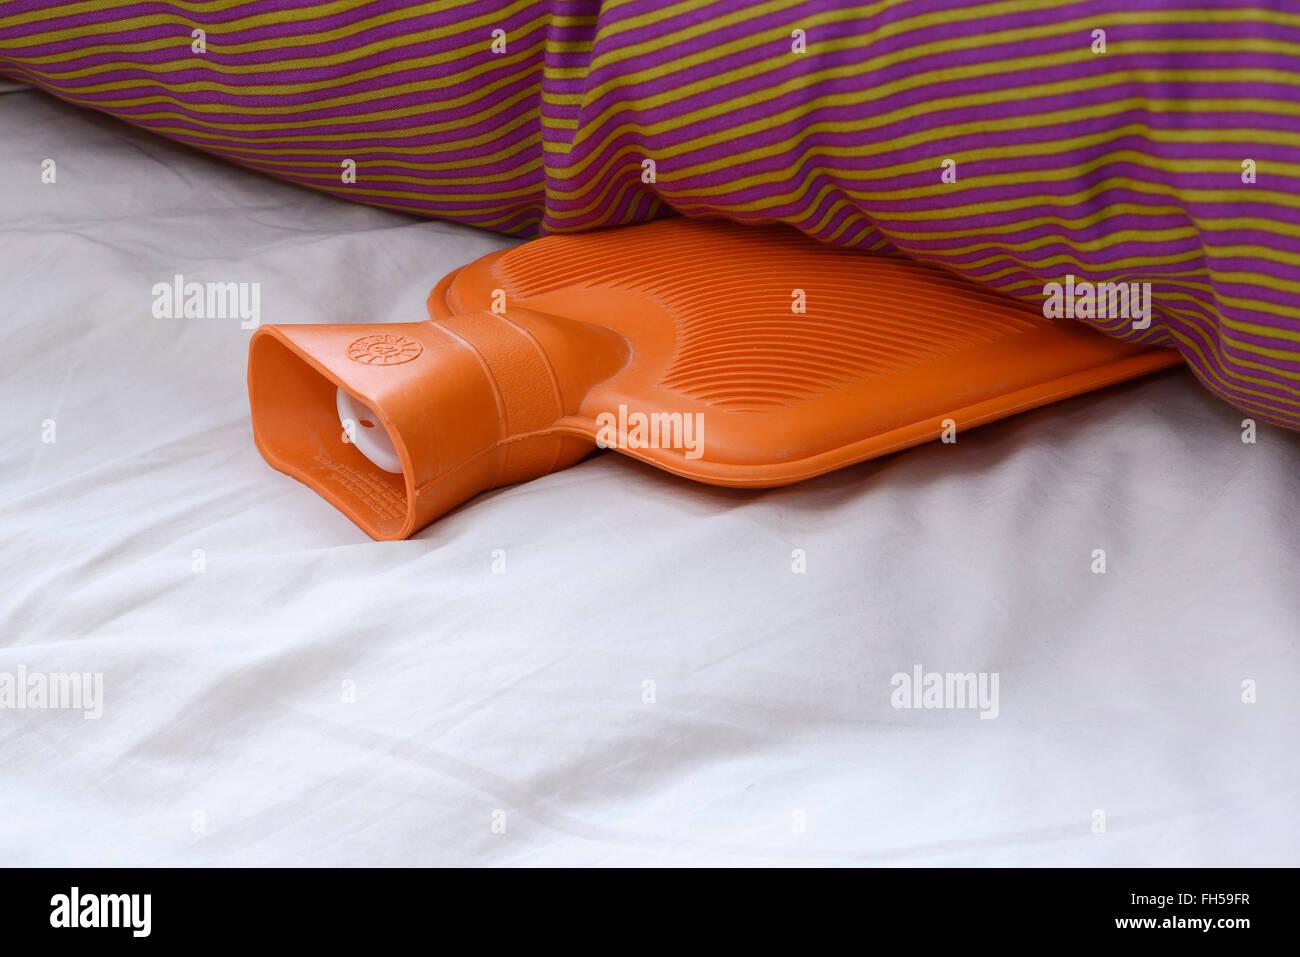 Une bouillotte en caoutchouc orange couché dans un lit Photo Stock